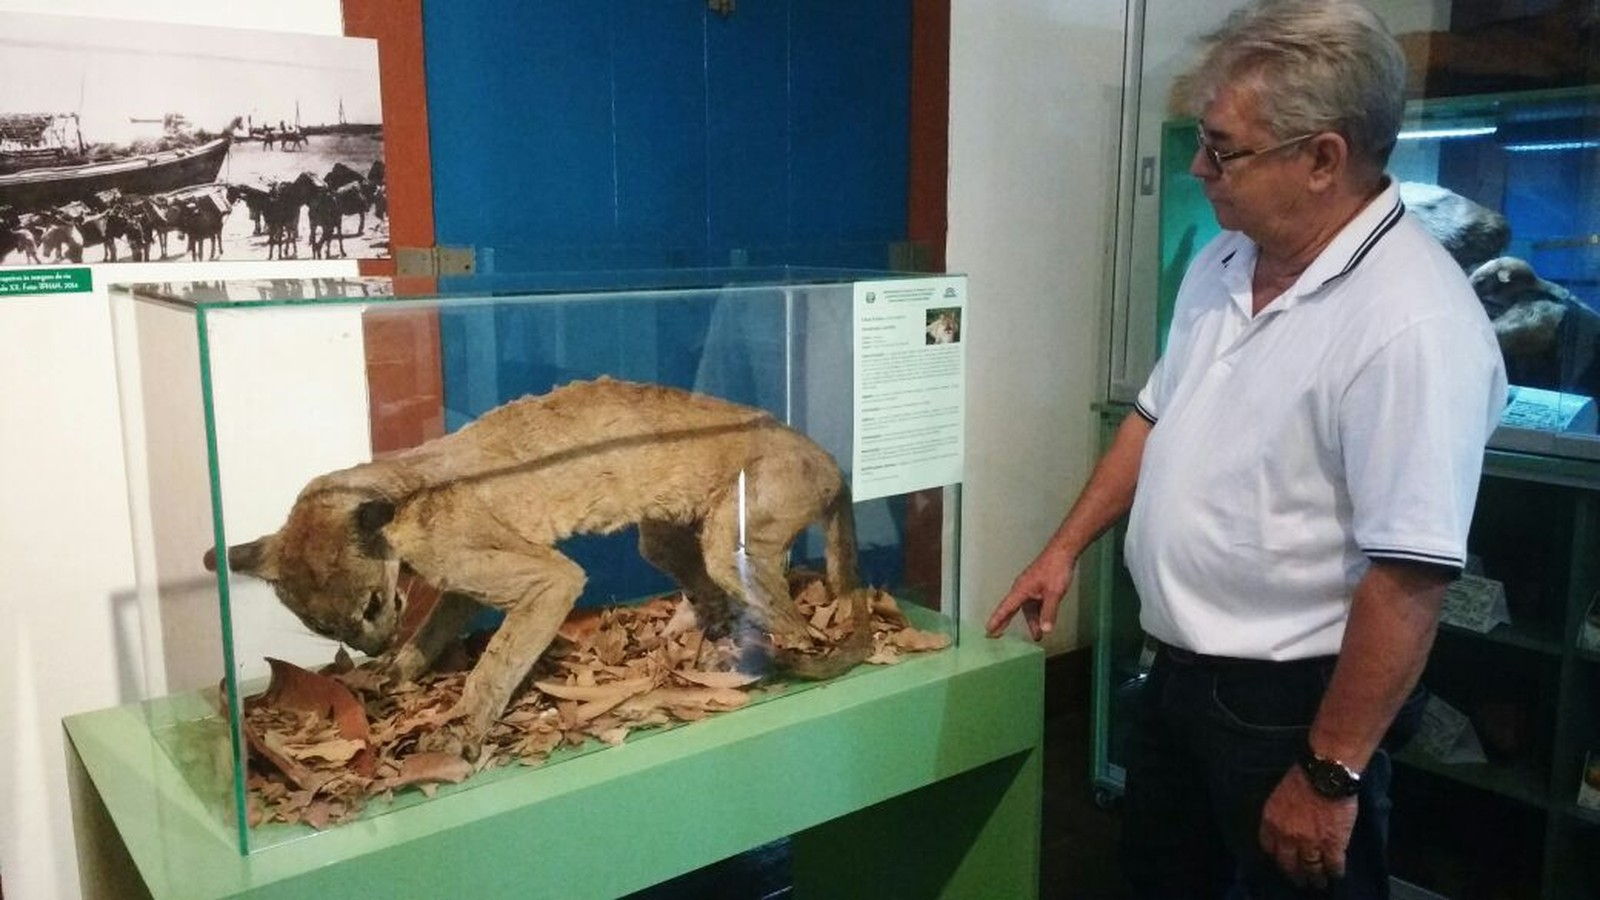 Onça que morreu debilitada em aldeia está exposta no Museu Regional do Norte de Minas